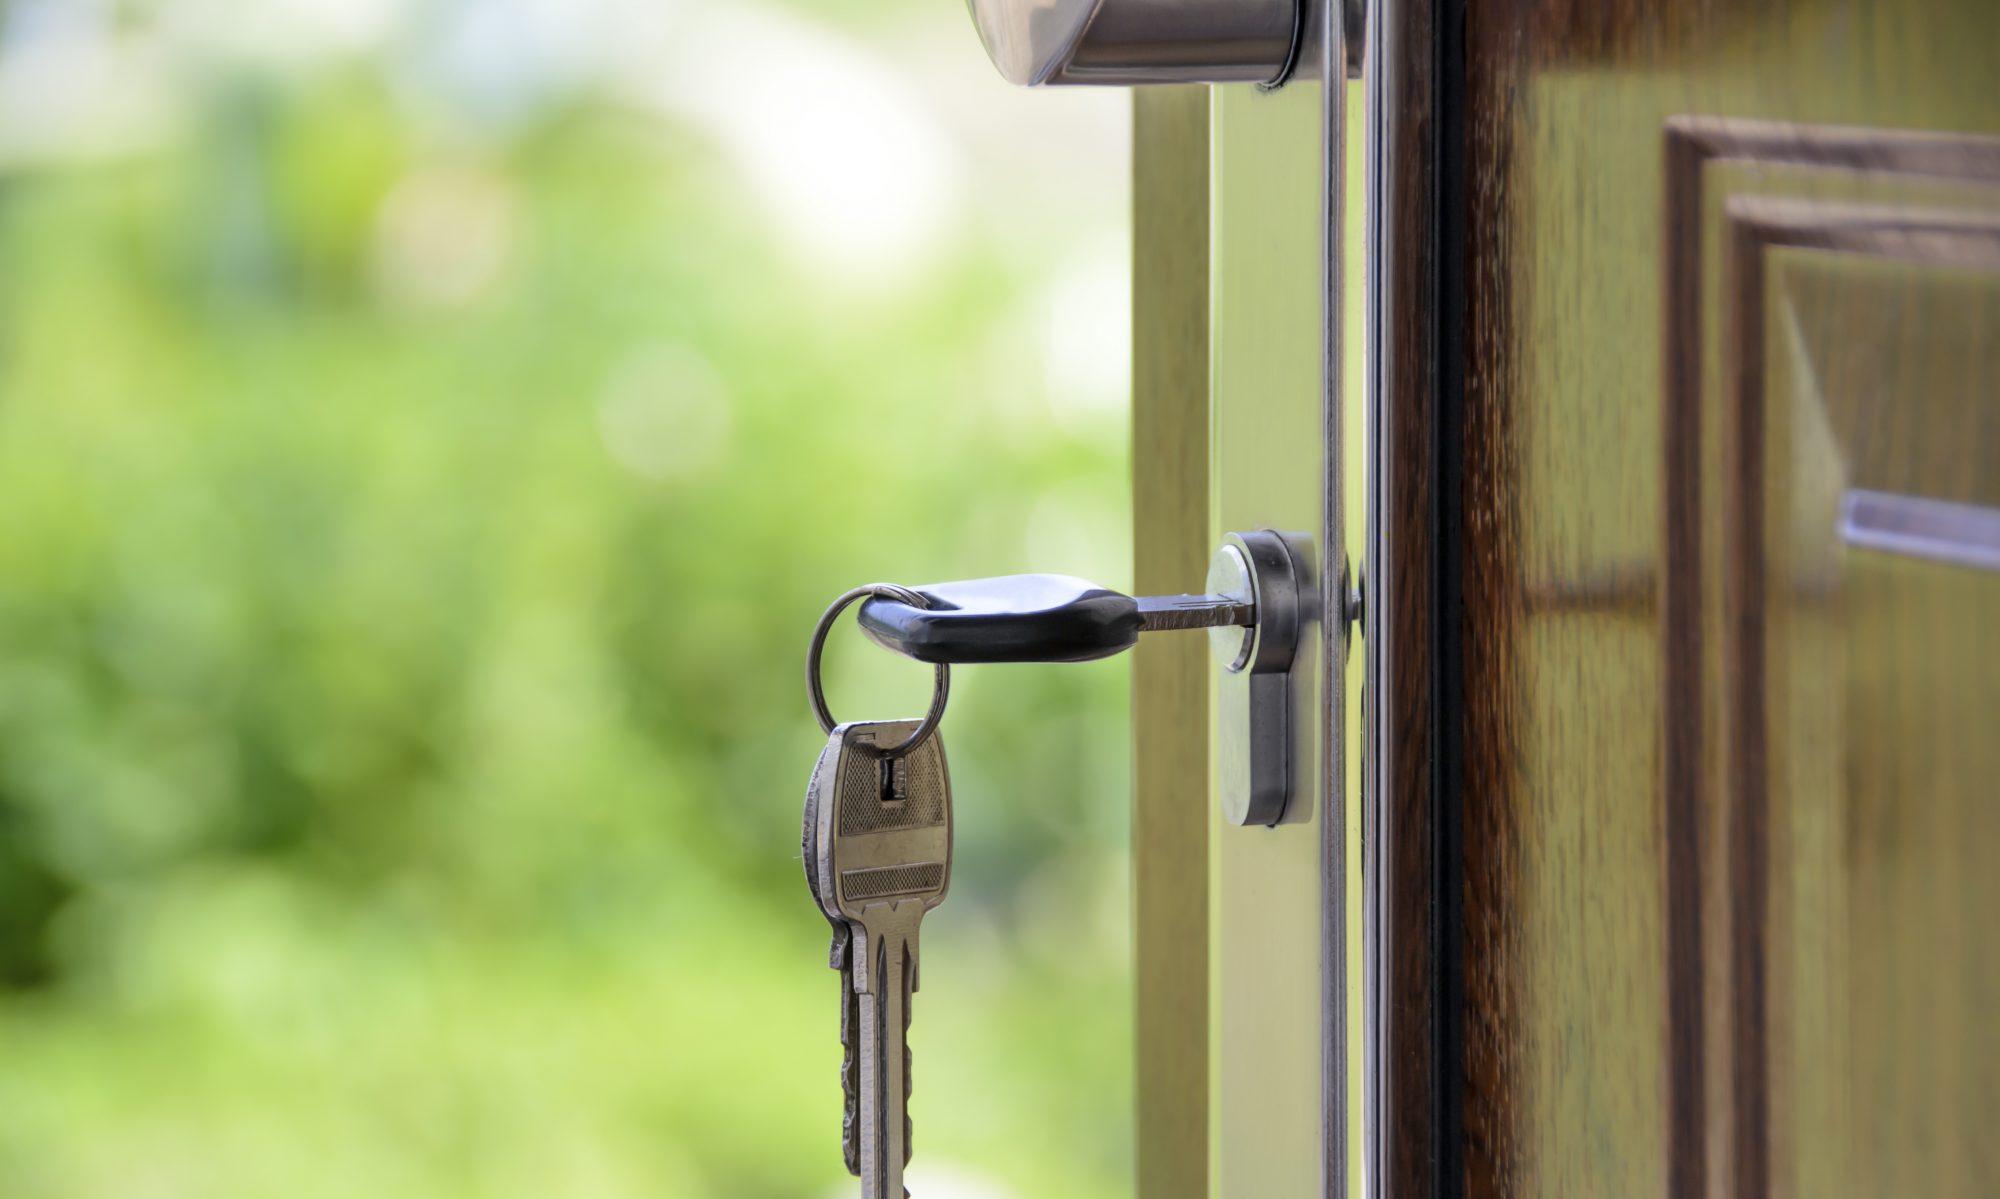 Immobilienbewertung online und kostenlos mit Sofortauskunft